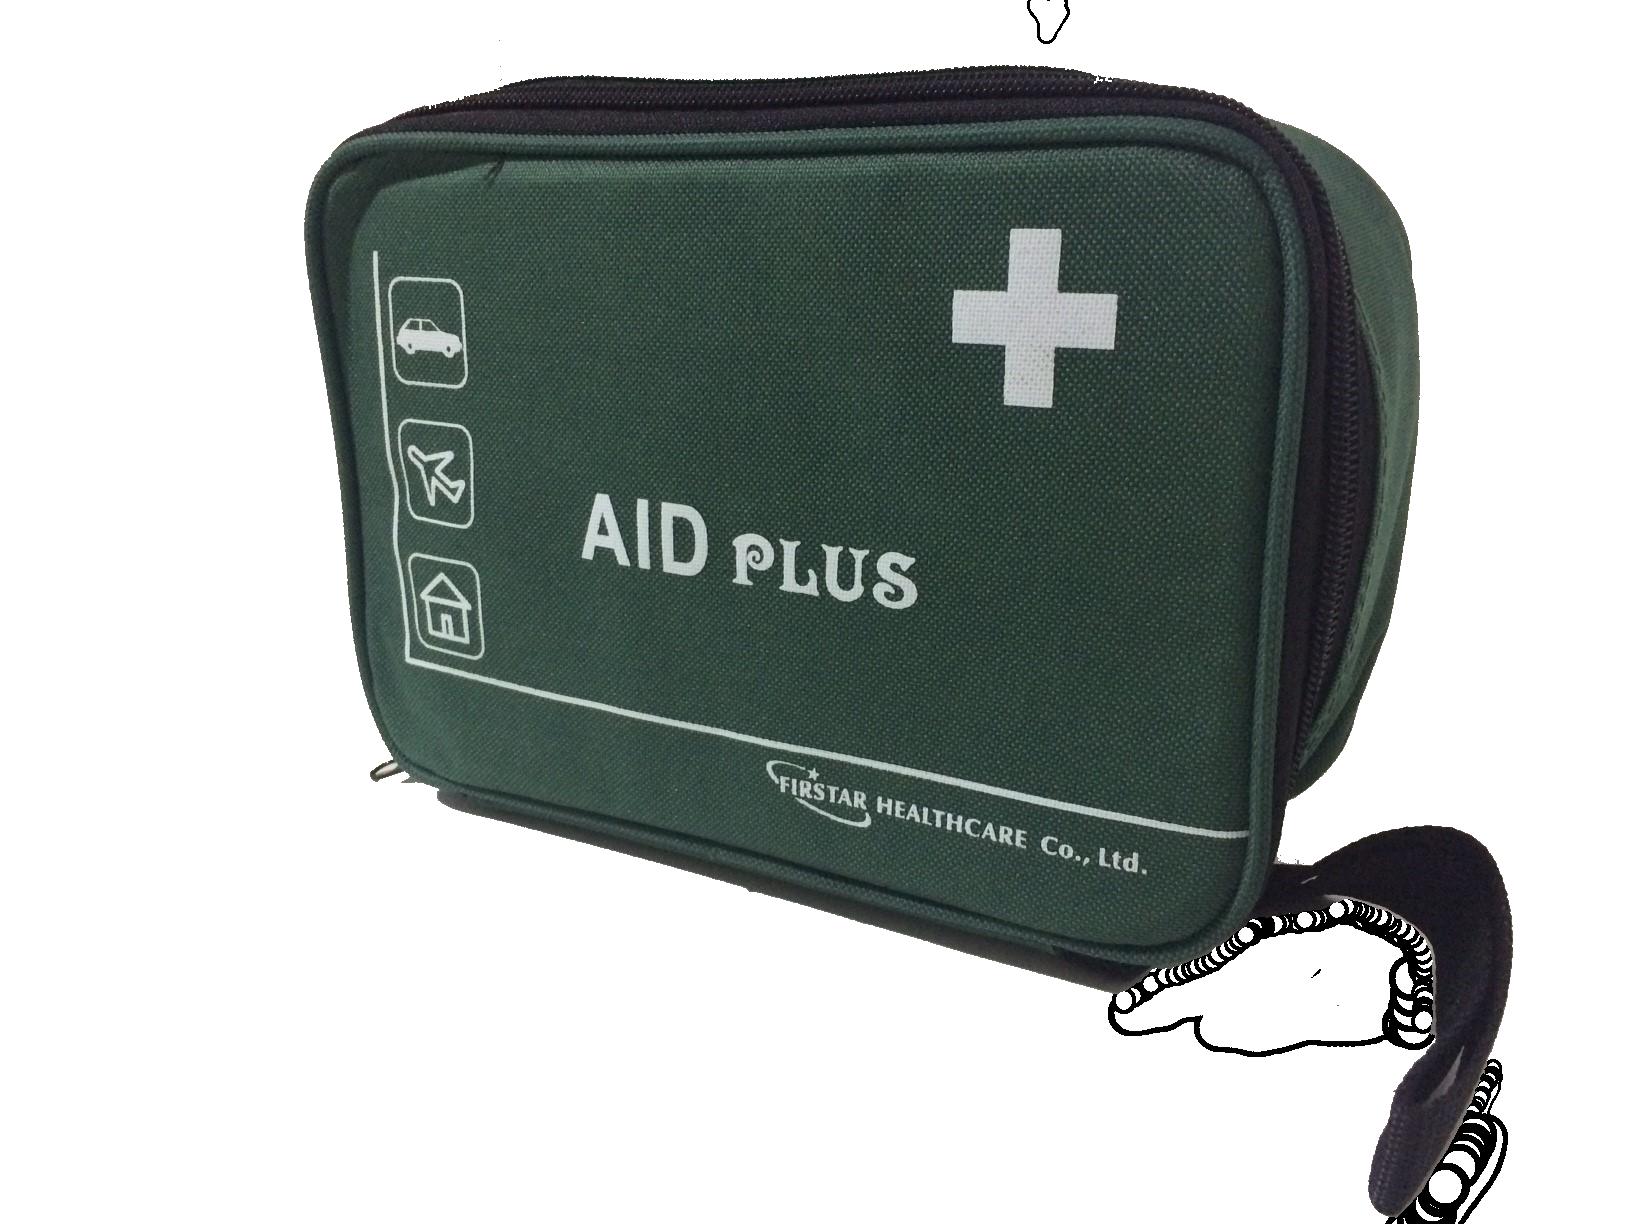 Kit de Primeiros Socorros - Plus